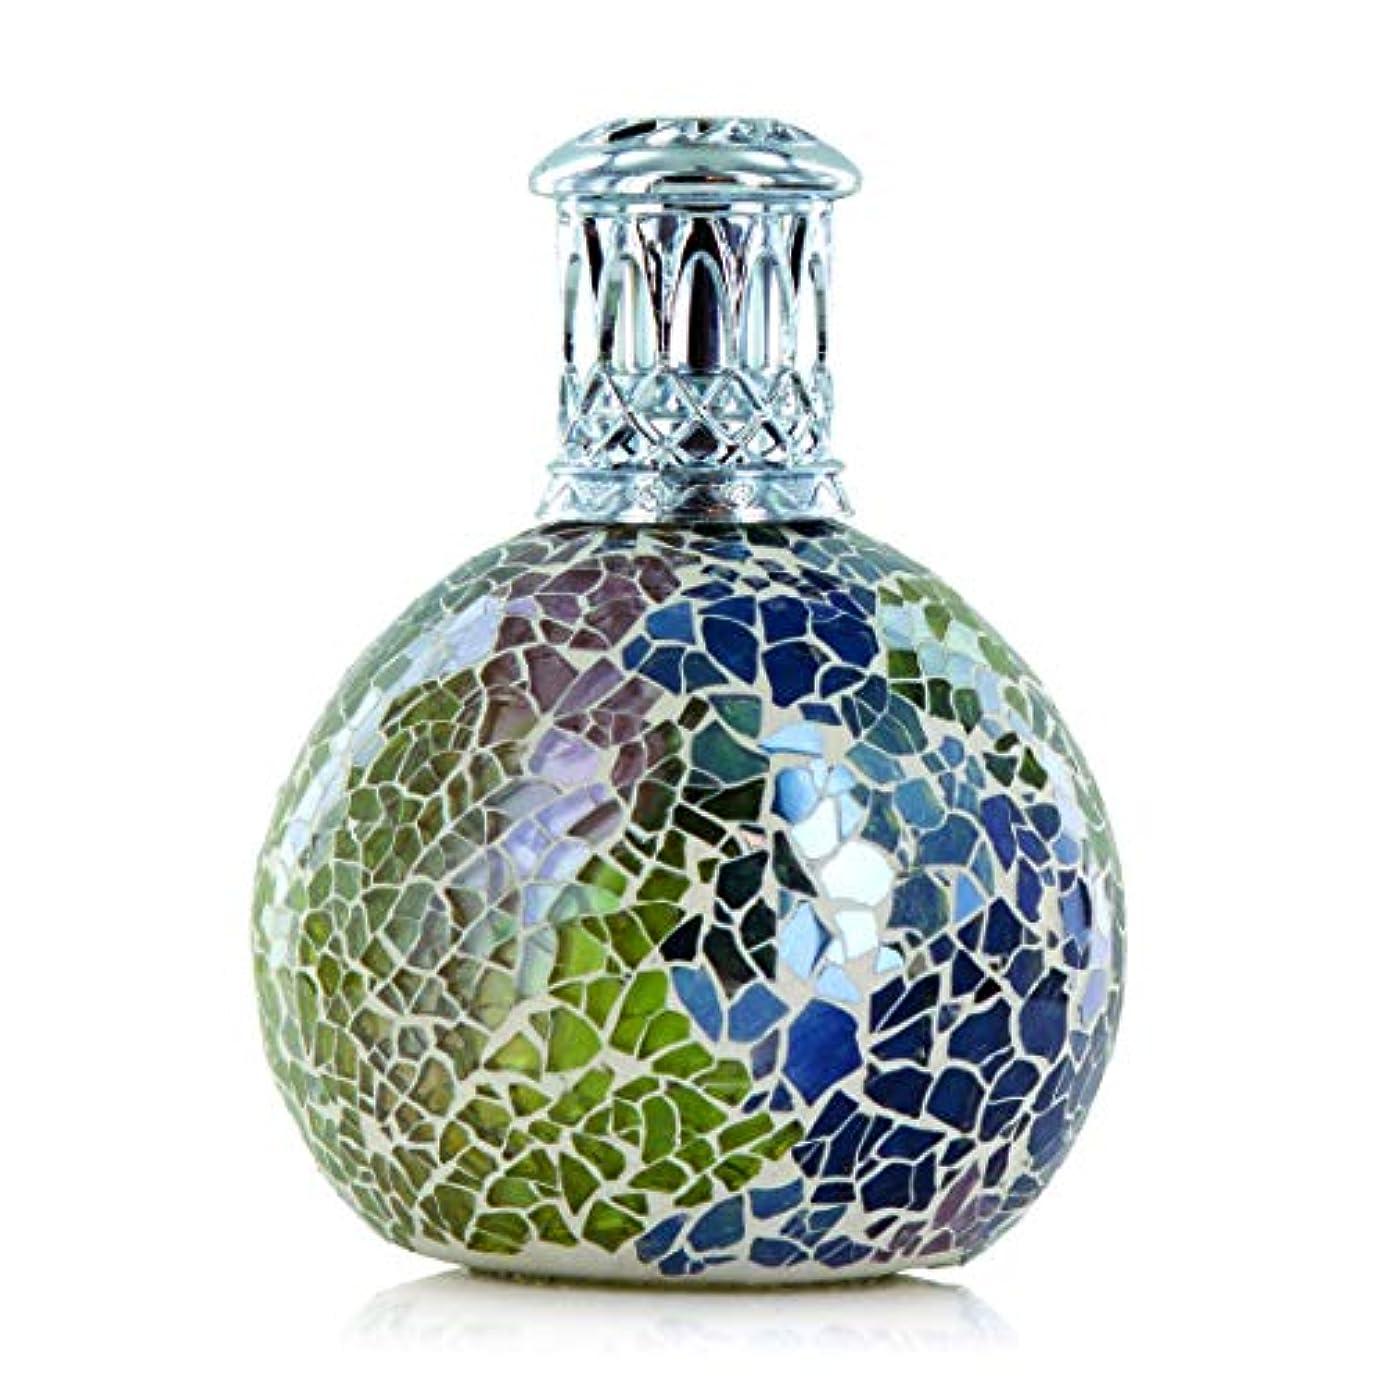 ユダヤ人美容師怠けたAshleigh&Burwood フレグランスランプ S ルナストーム FragranceLamps sizeS LunarStorm アシュレイ&バーウッド